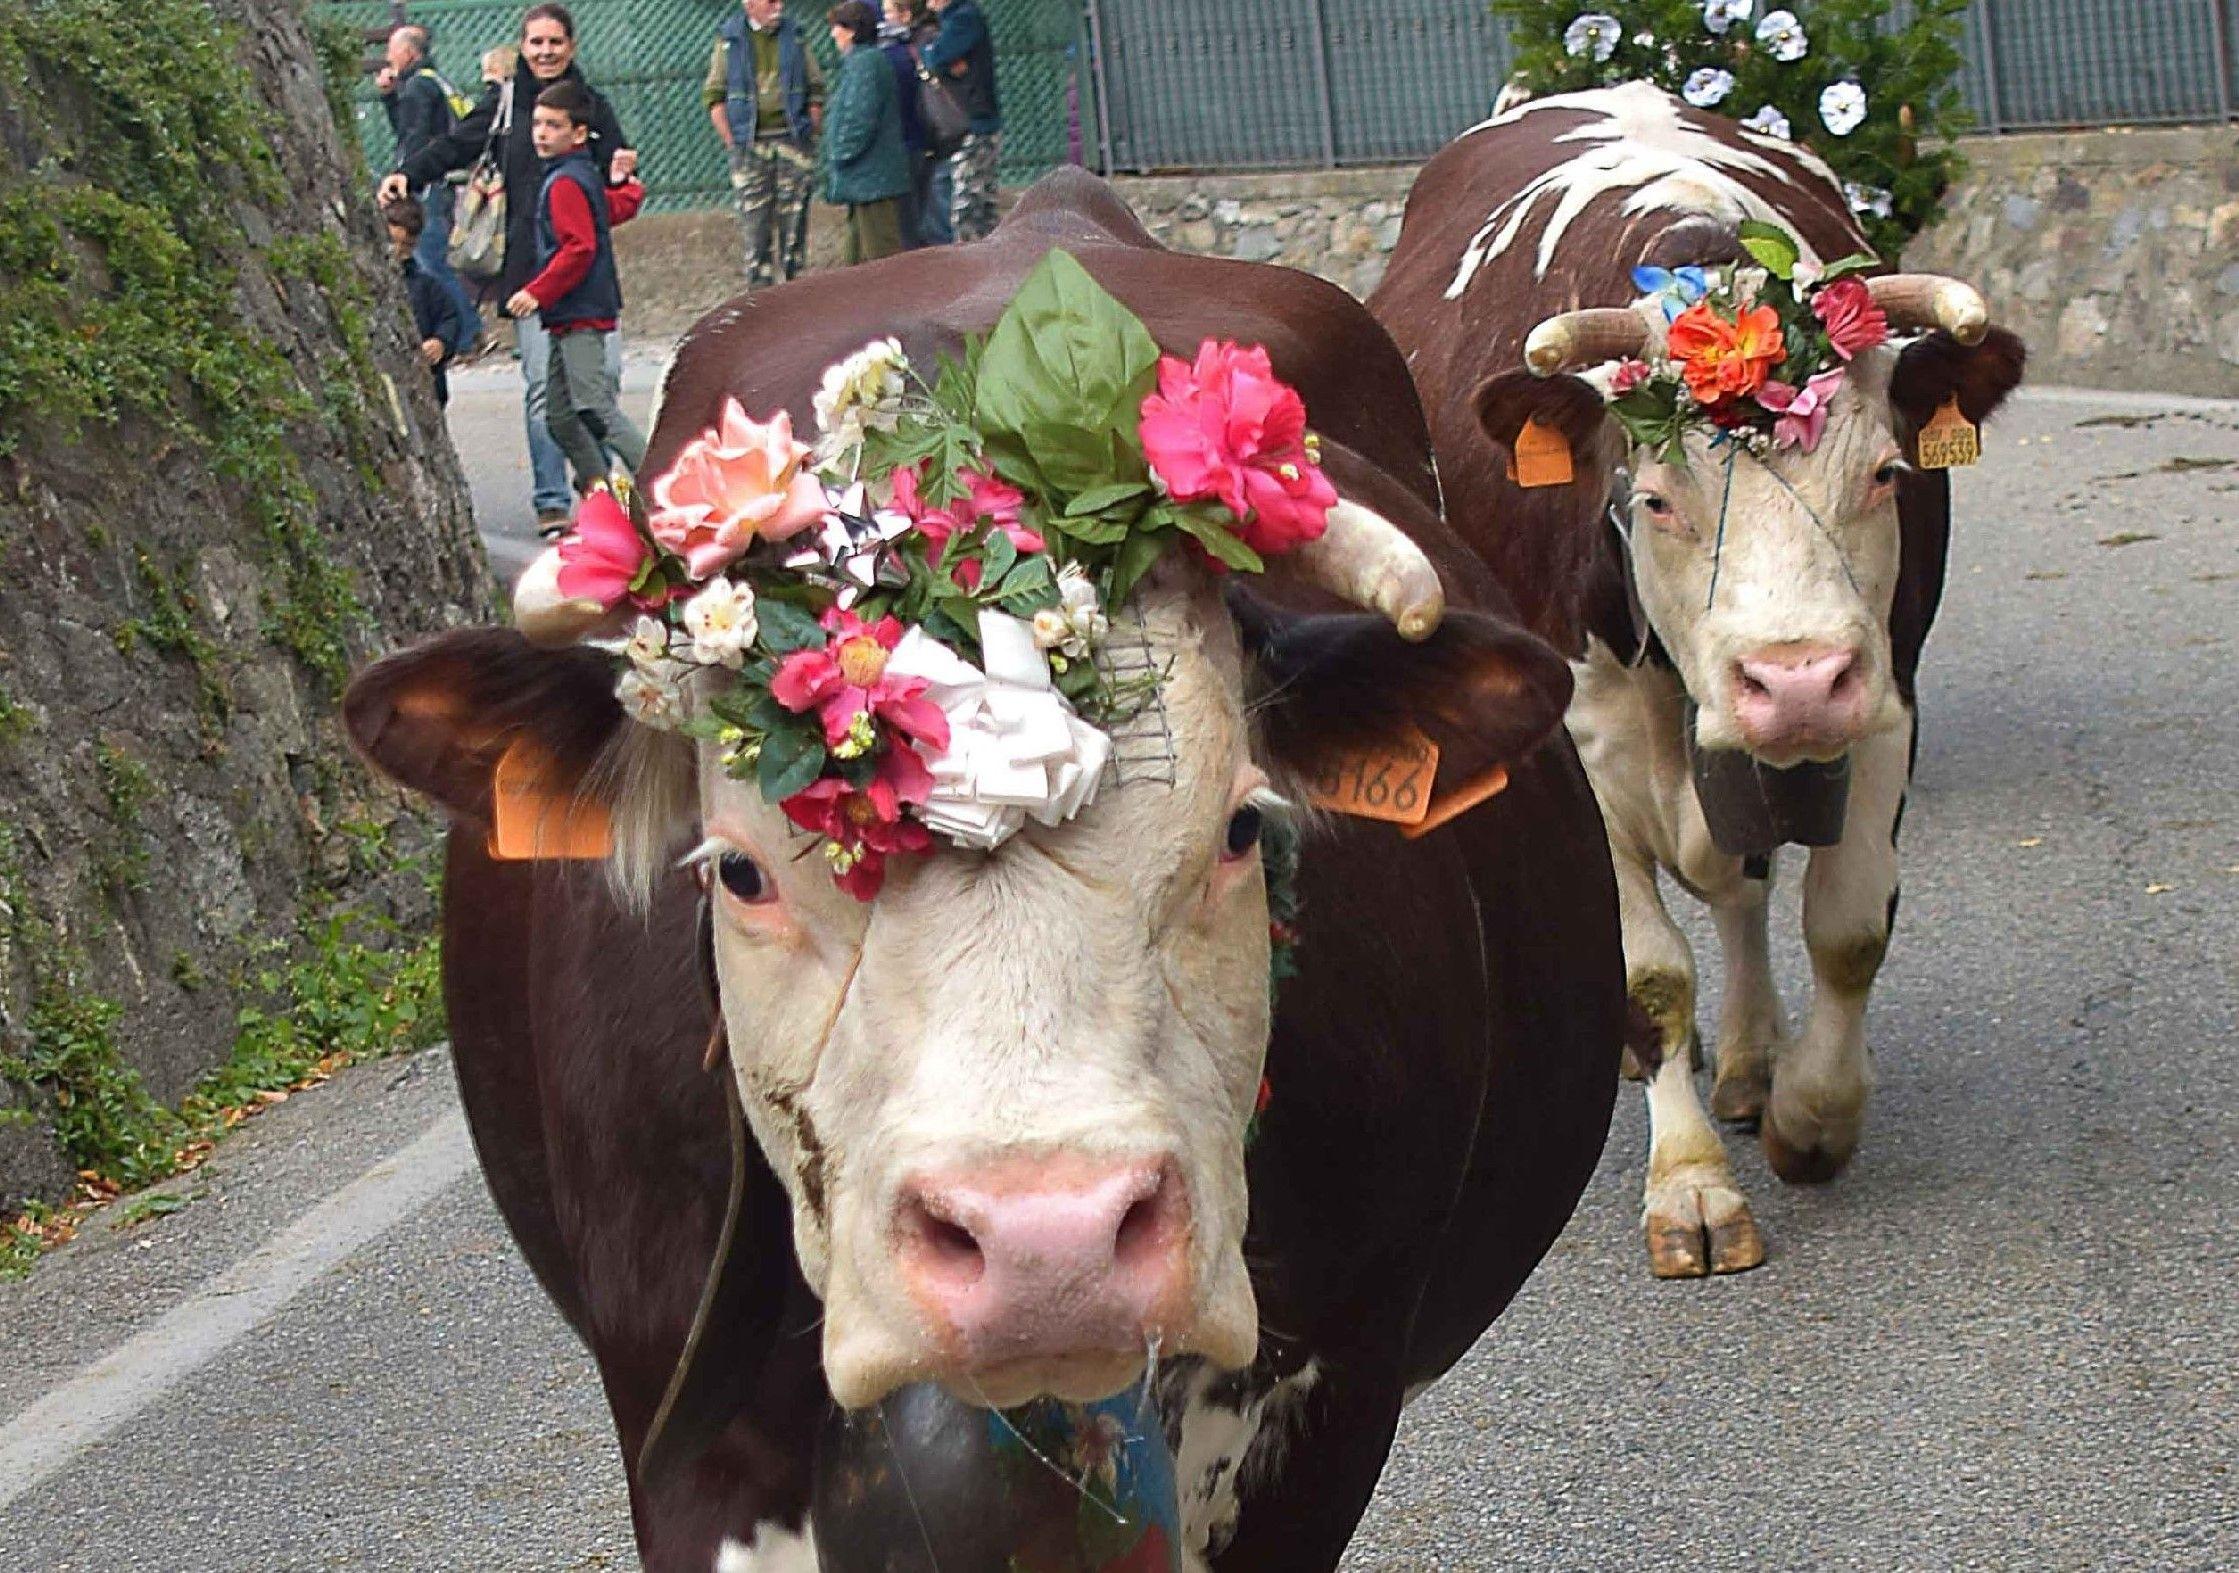 SETTIMO VITTONE - Il ritorno delle mandrie bovine diventa festa